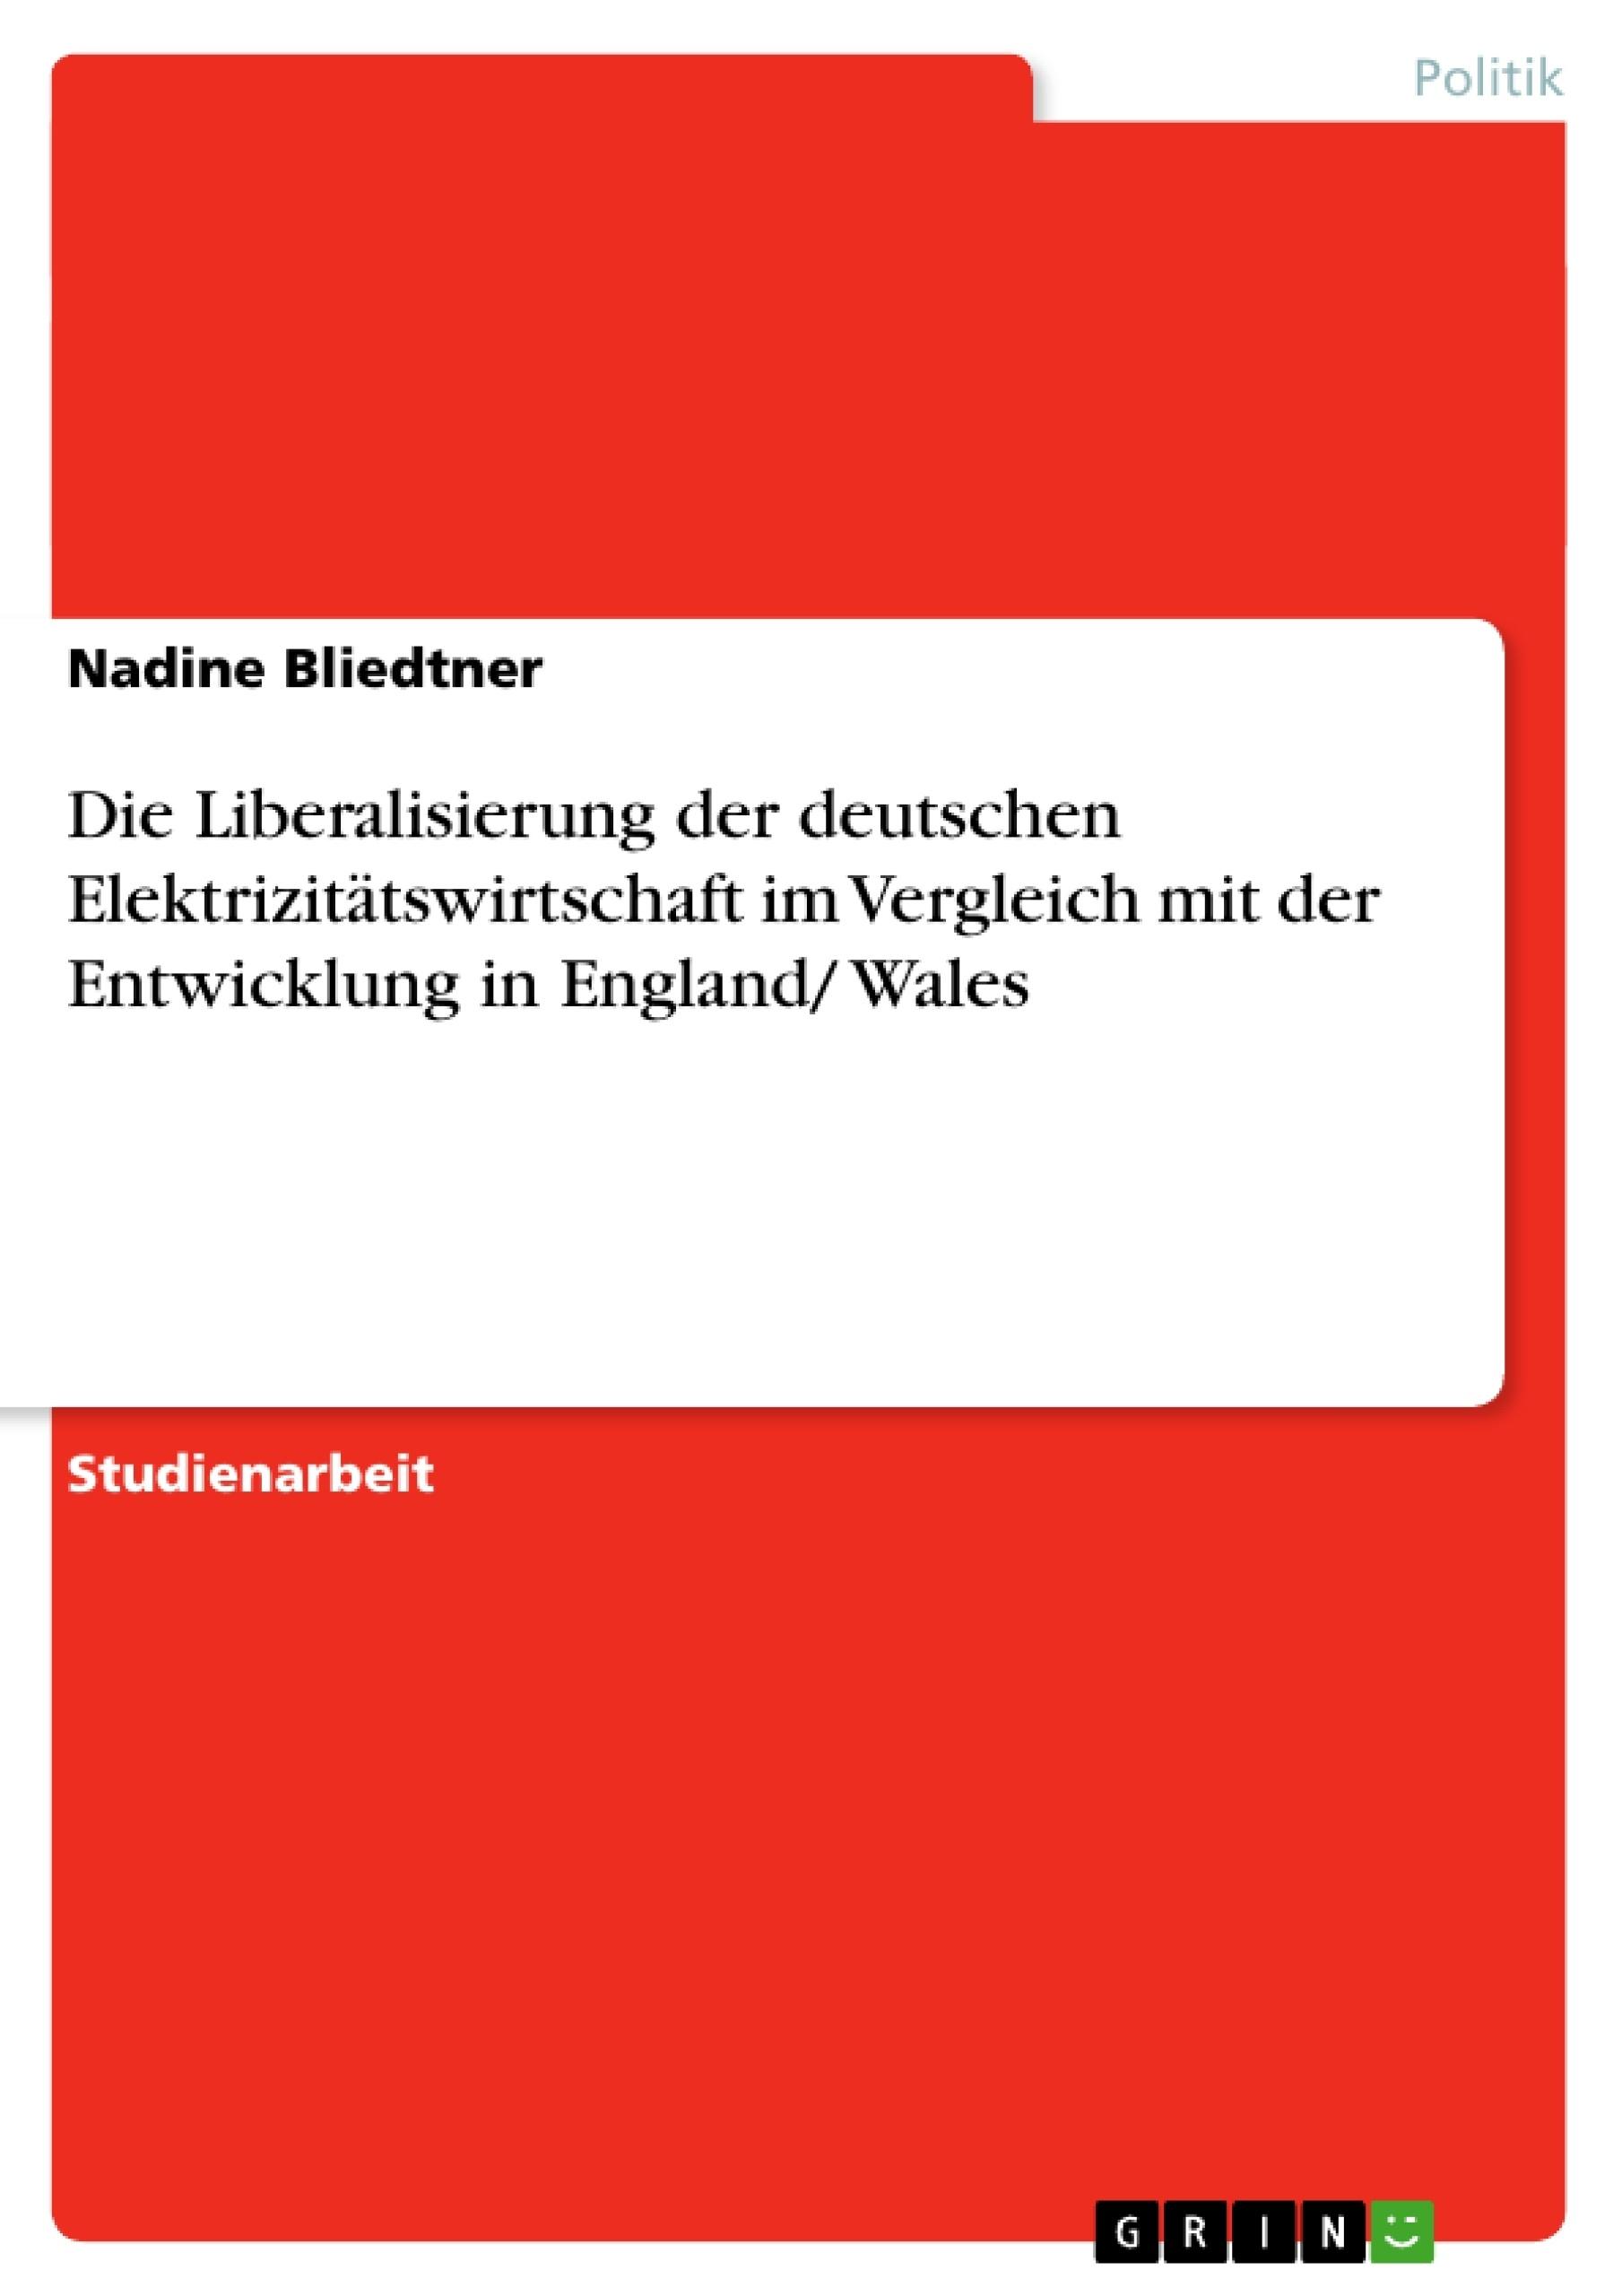 Titel: Die Liberalisierung der deutschen Elektrizitätswirtschaft im Vergleich mit der Entwicklung in England/ Wales